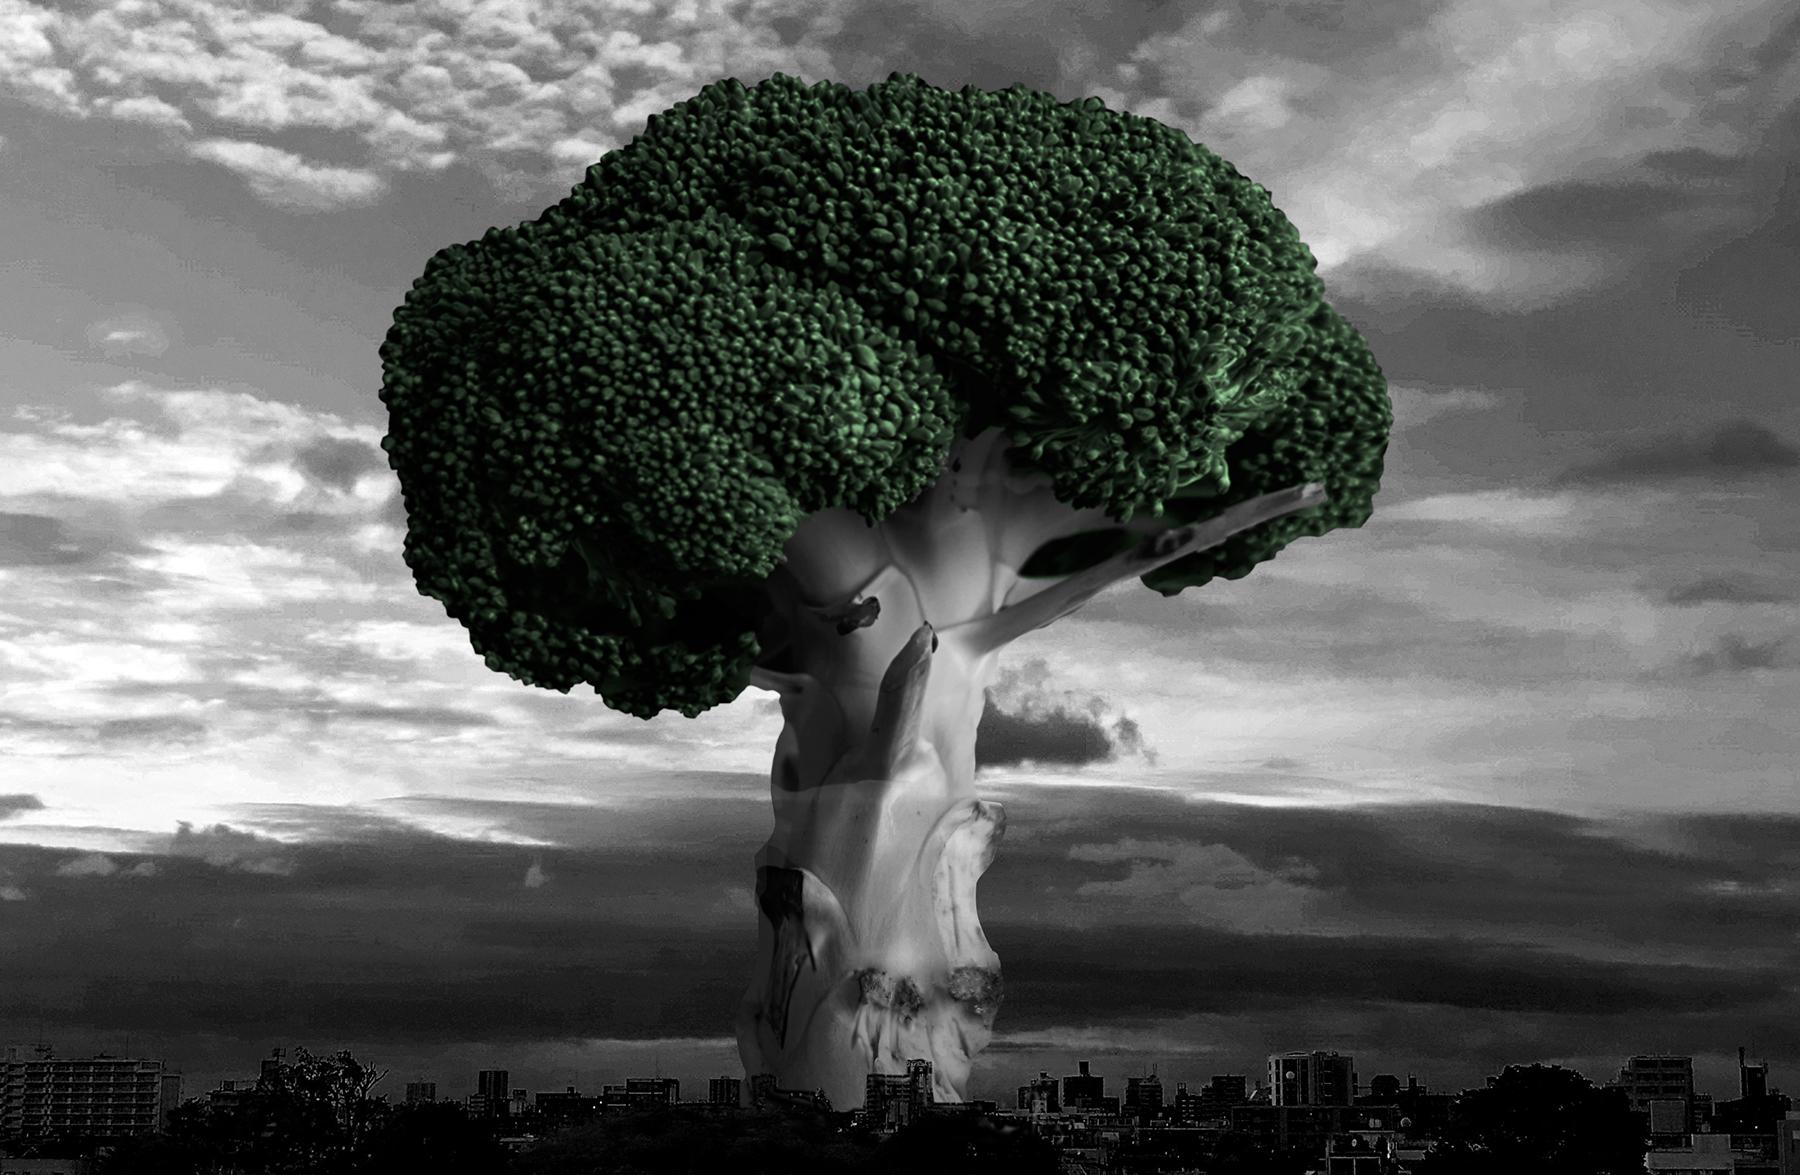 Broccoli's dream